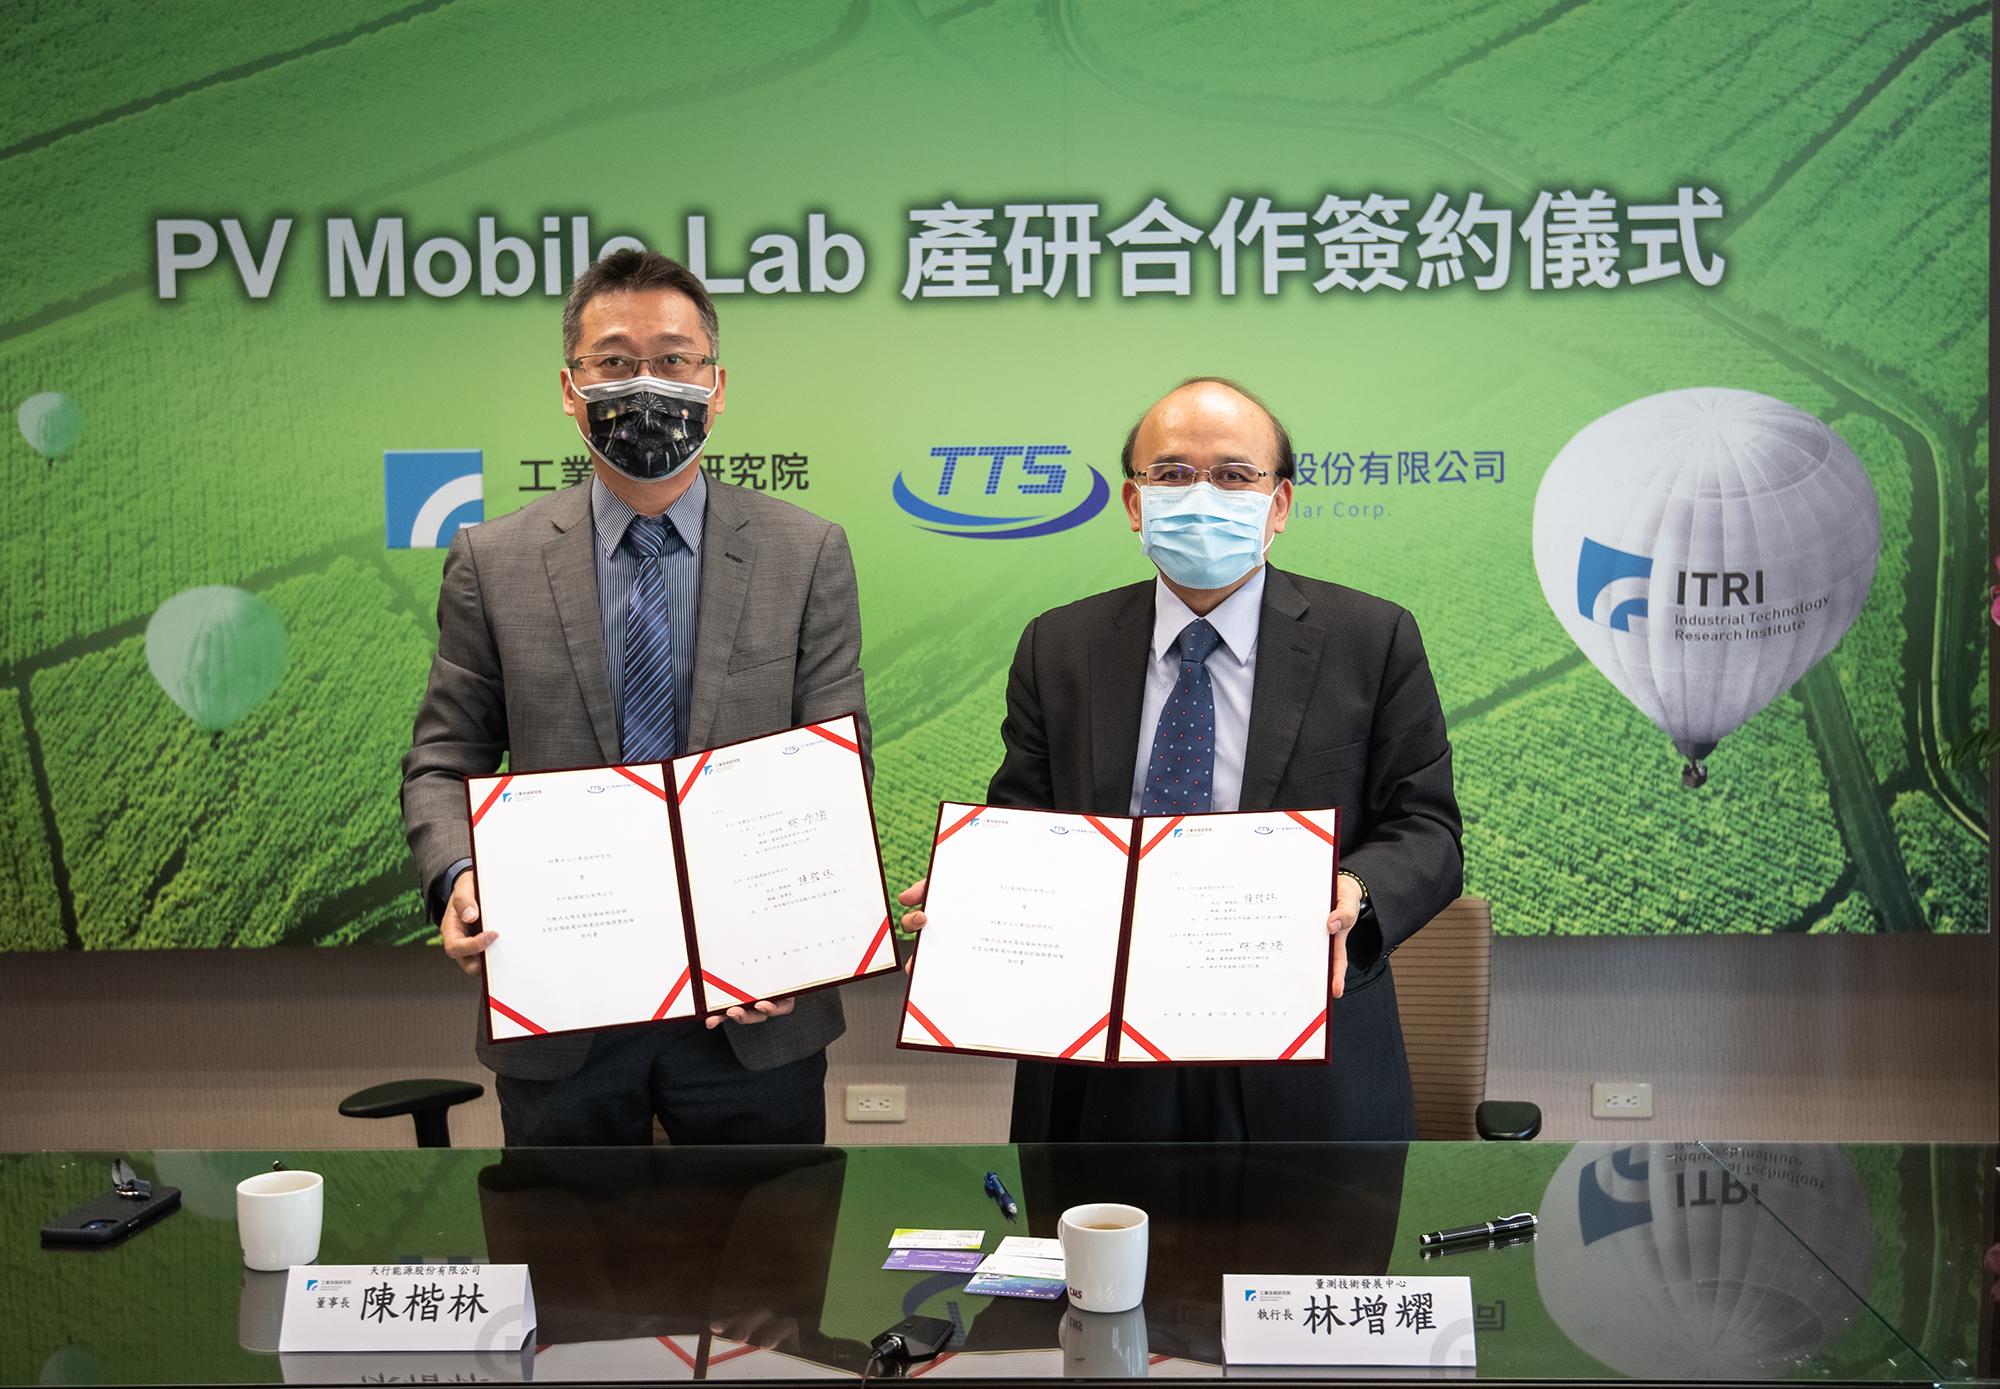 工研院量測中心執行長林增耀(右)與天行能源董事長陳楷林代表簽訂產研合作協議。(圖/工研院提供)